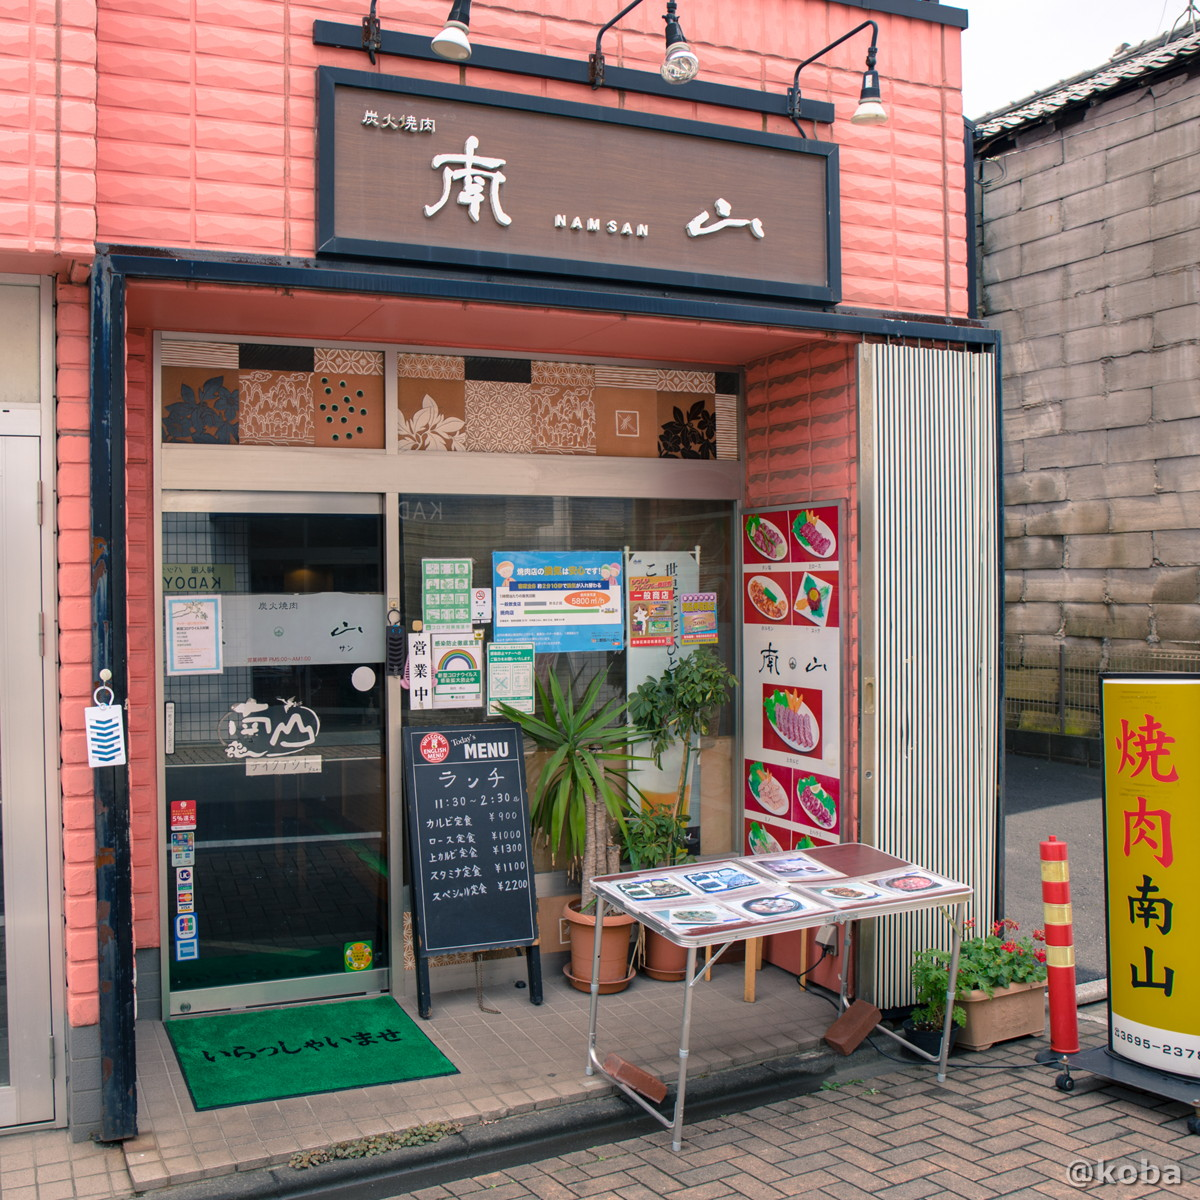 外観 正面入り口の写真|南山(namsan ナンサン)|焼肉料理 Yakiniku|東京都葛飾区・堀切菖蒲園駅|こばフォトブログ